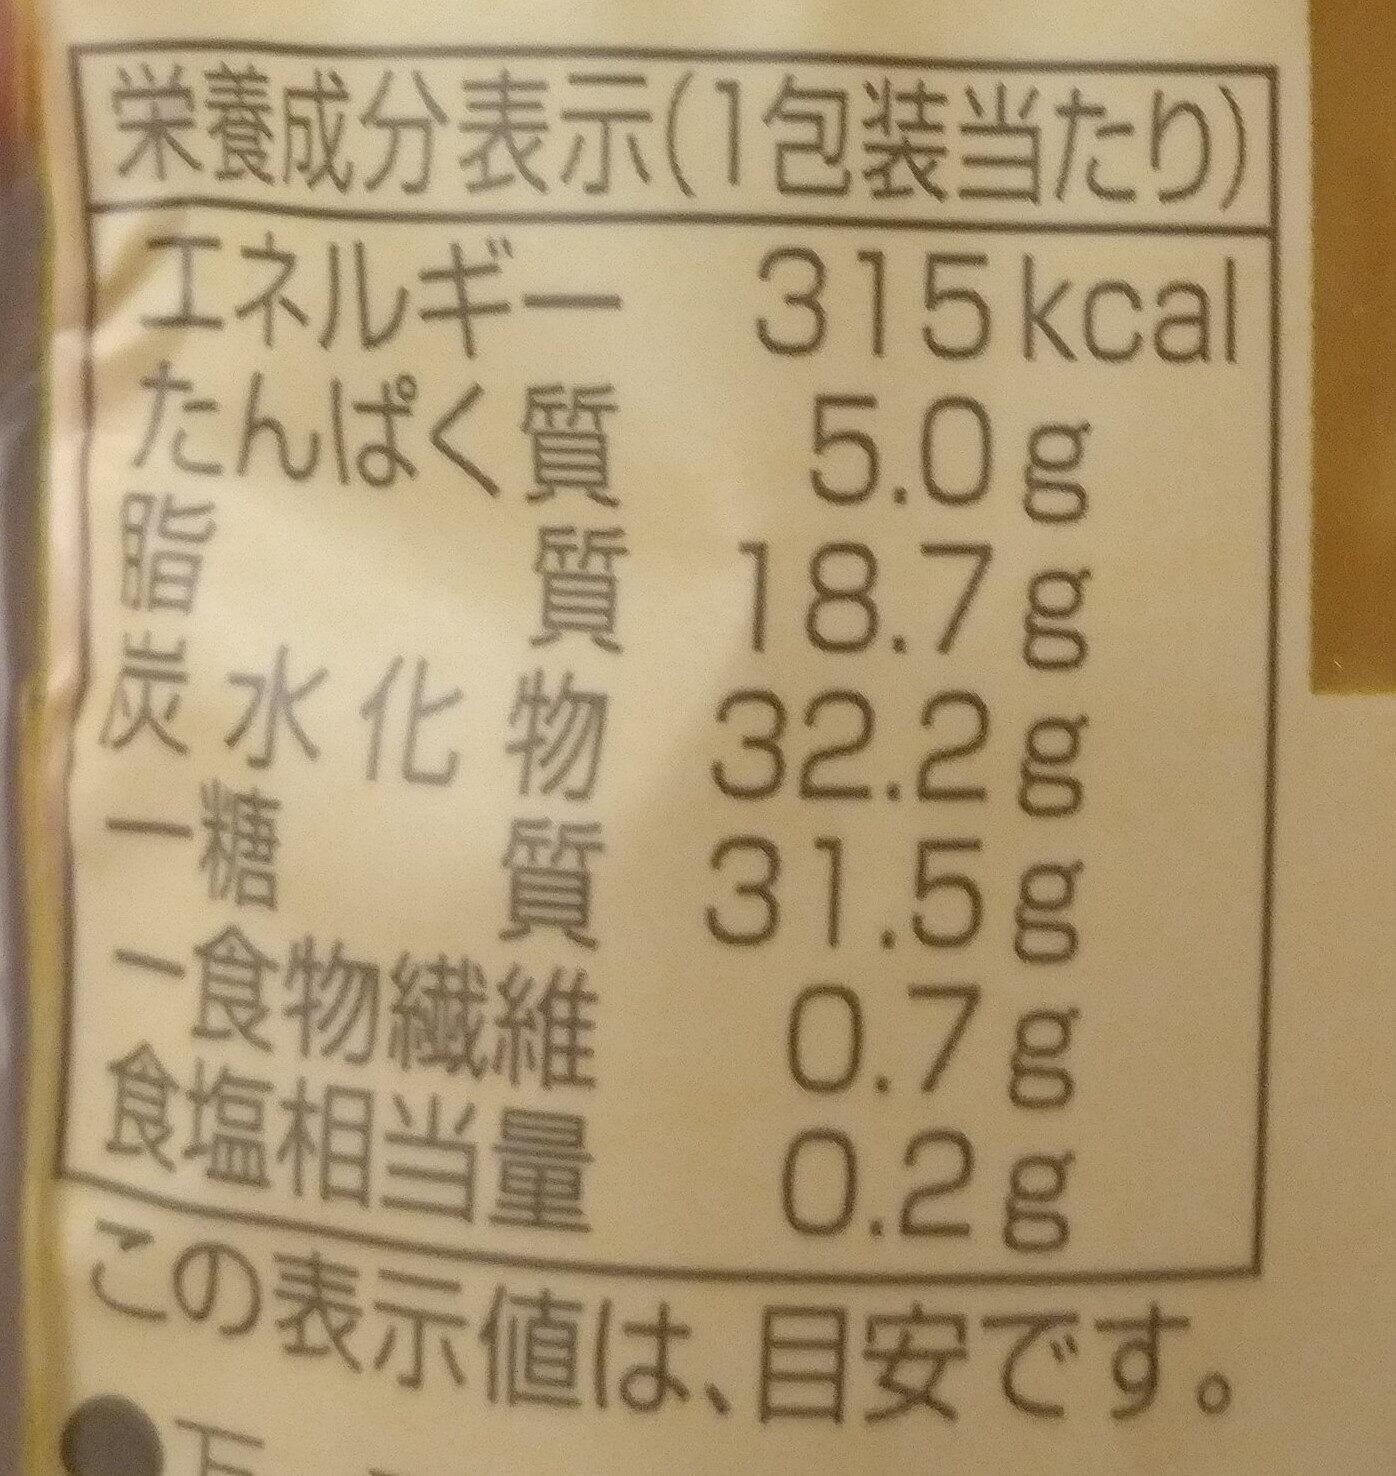 Chestnut Baumkuchen - Voedingswaarden - en